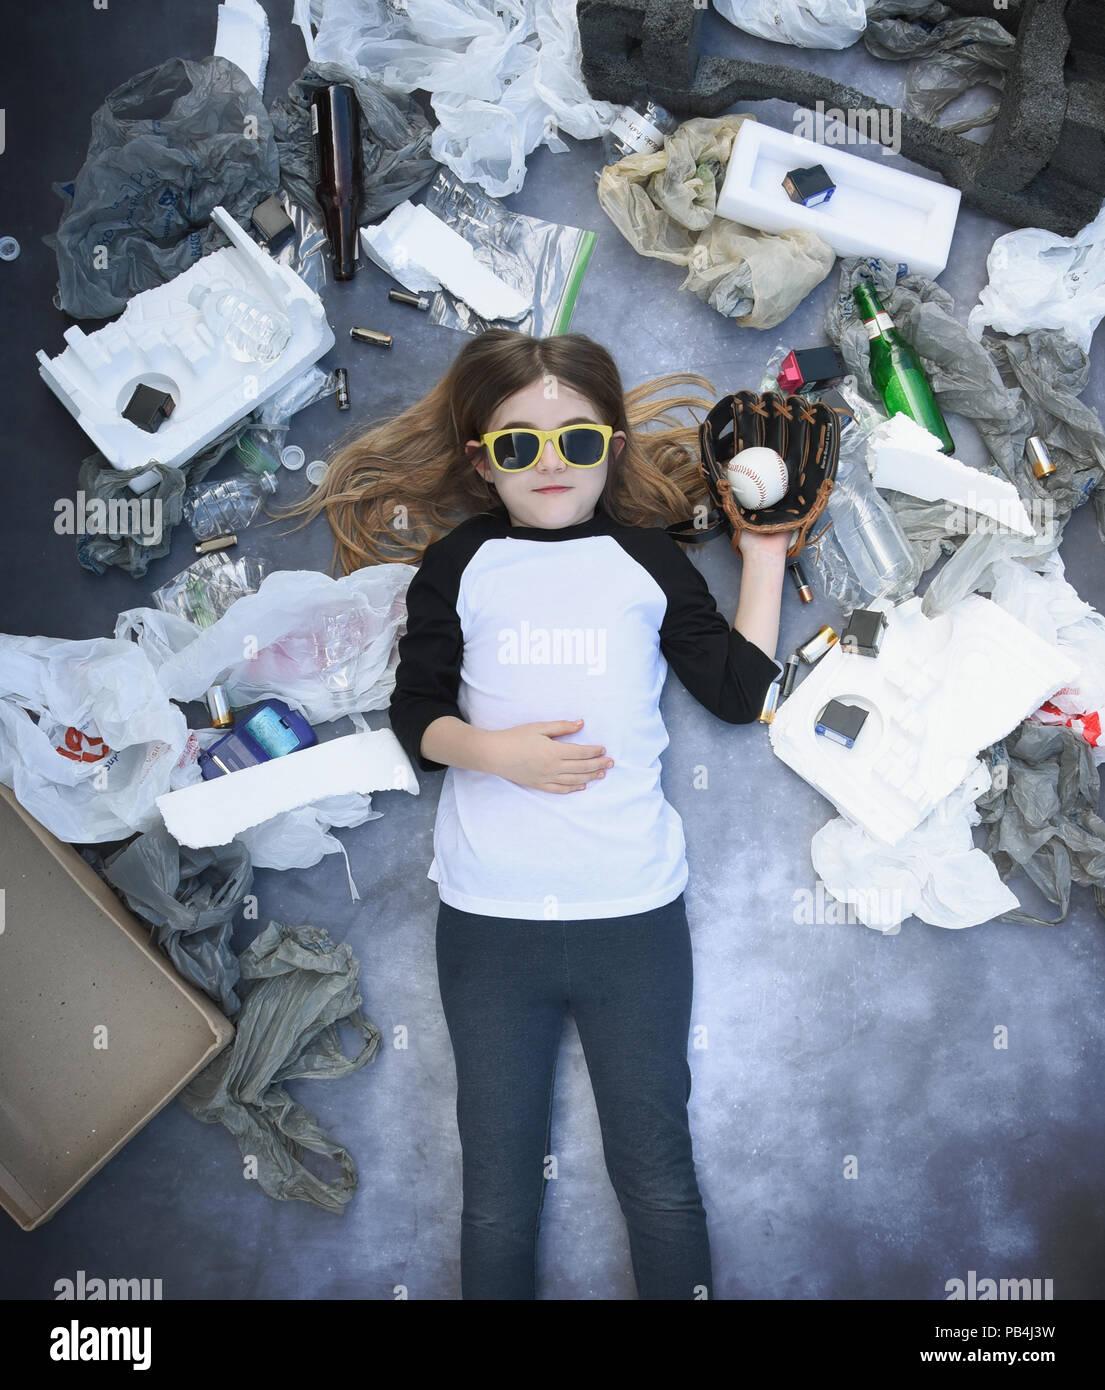 Un niño se mantiene una pelota de béisbol con la basura los residuos como bolsas de plástico no biodegradables y productos a su alrededor para reciclar el concepto de energía limpia Foto de stock